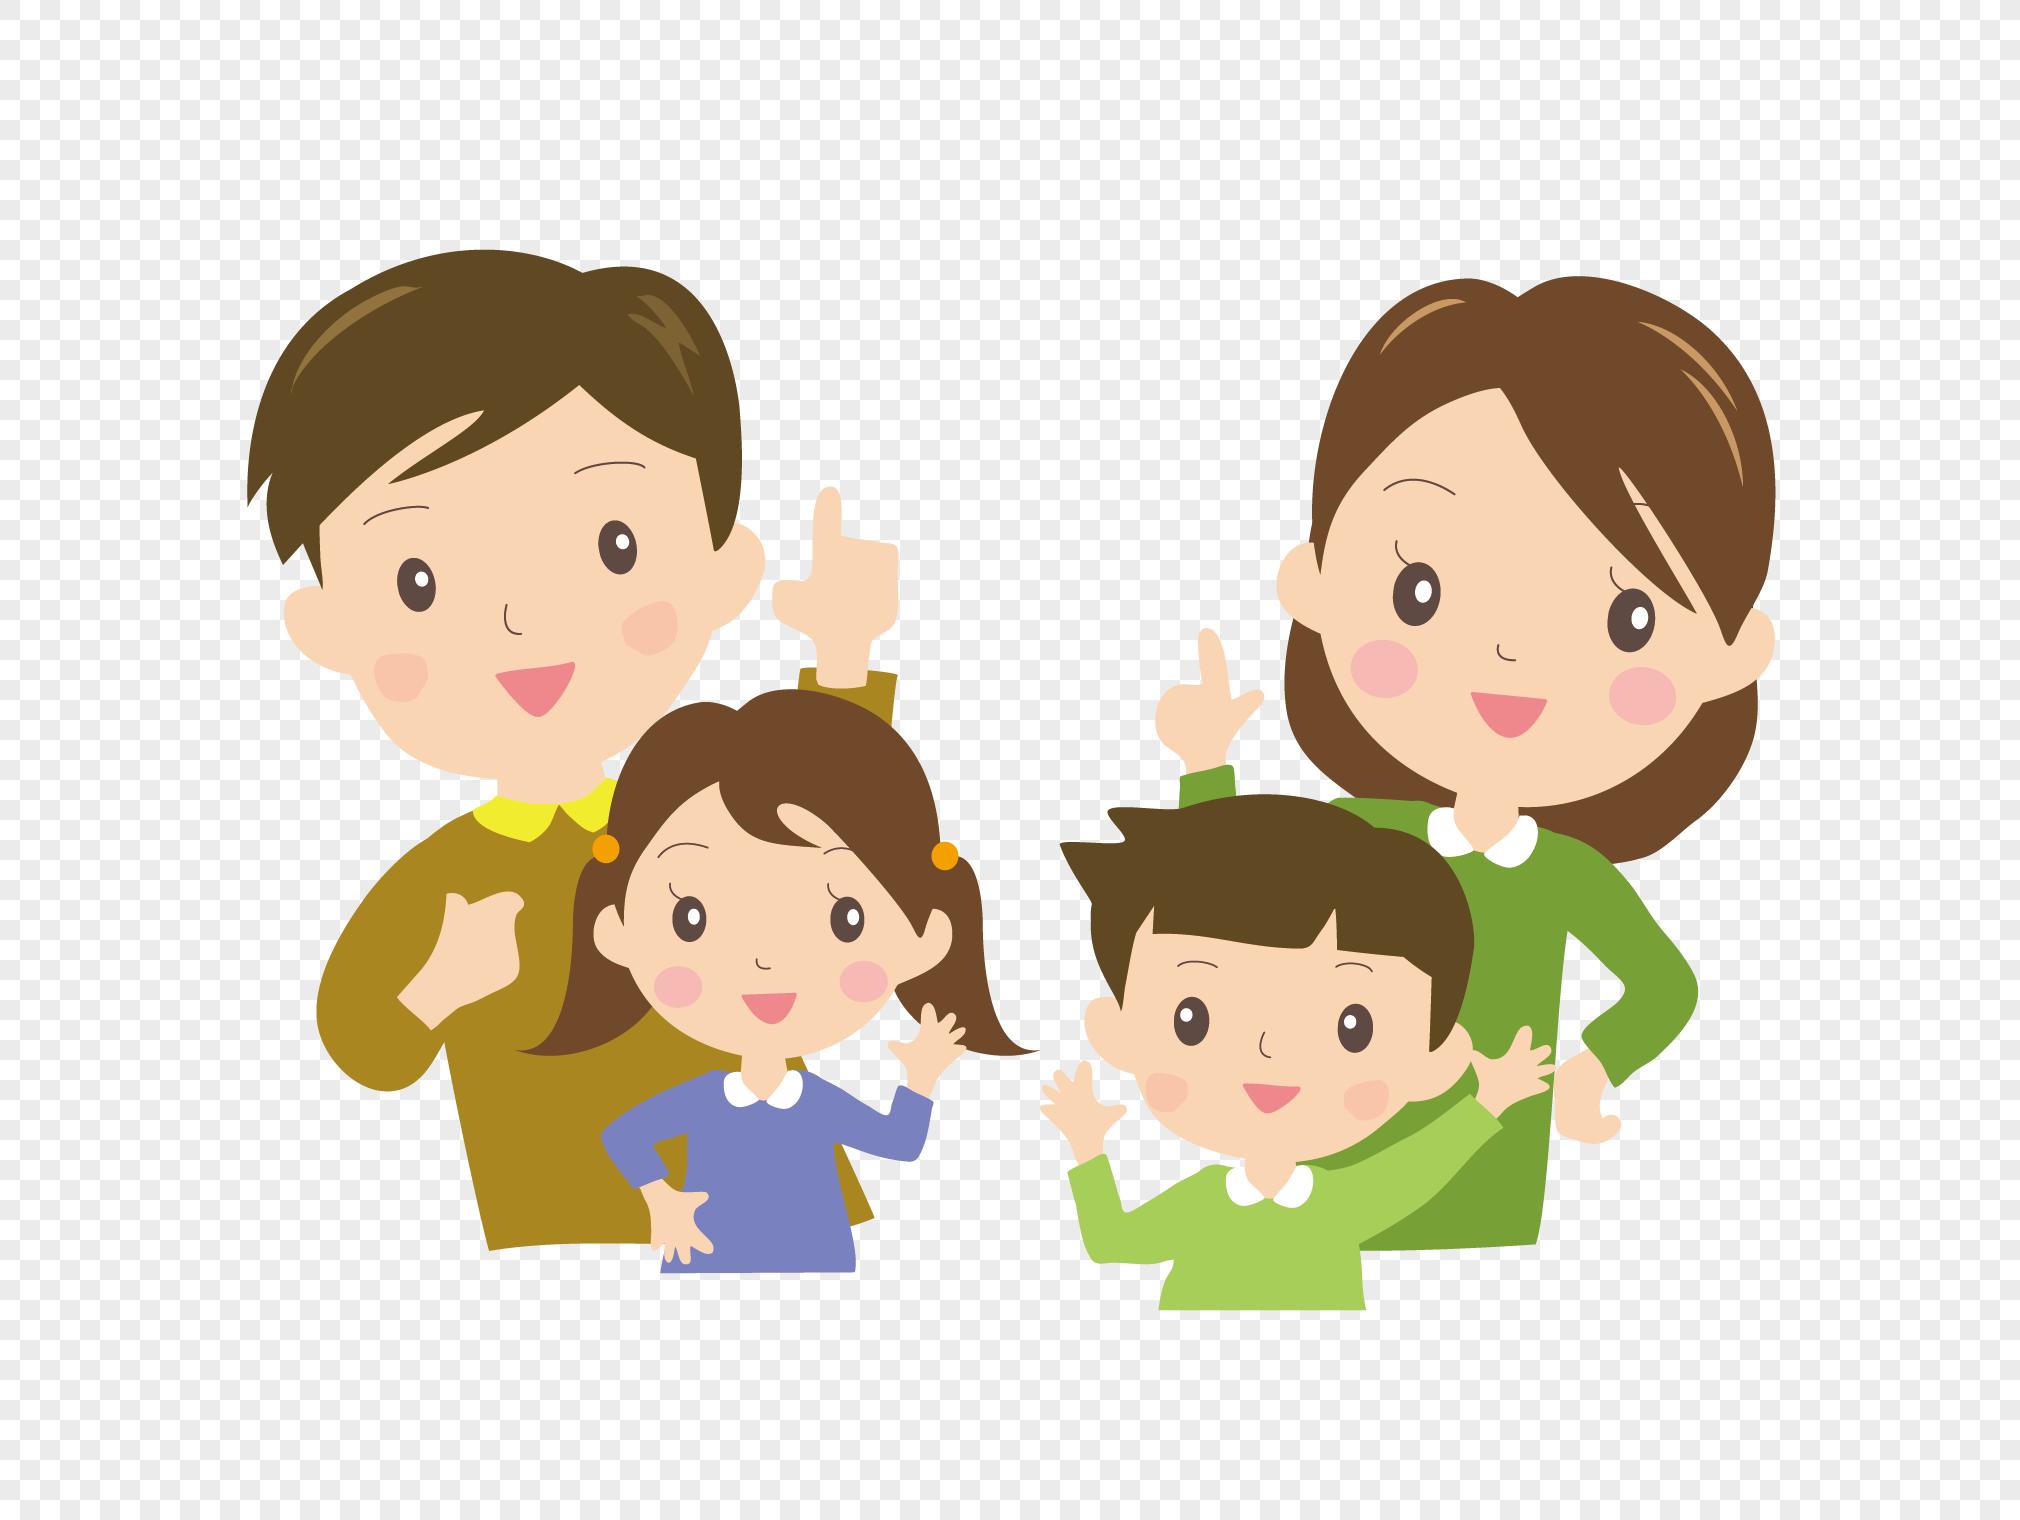 부모 자식 가족 이미지 _사진 401065850 무료 다운로드_lovepik.com